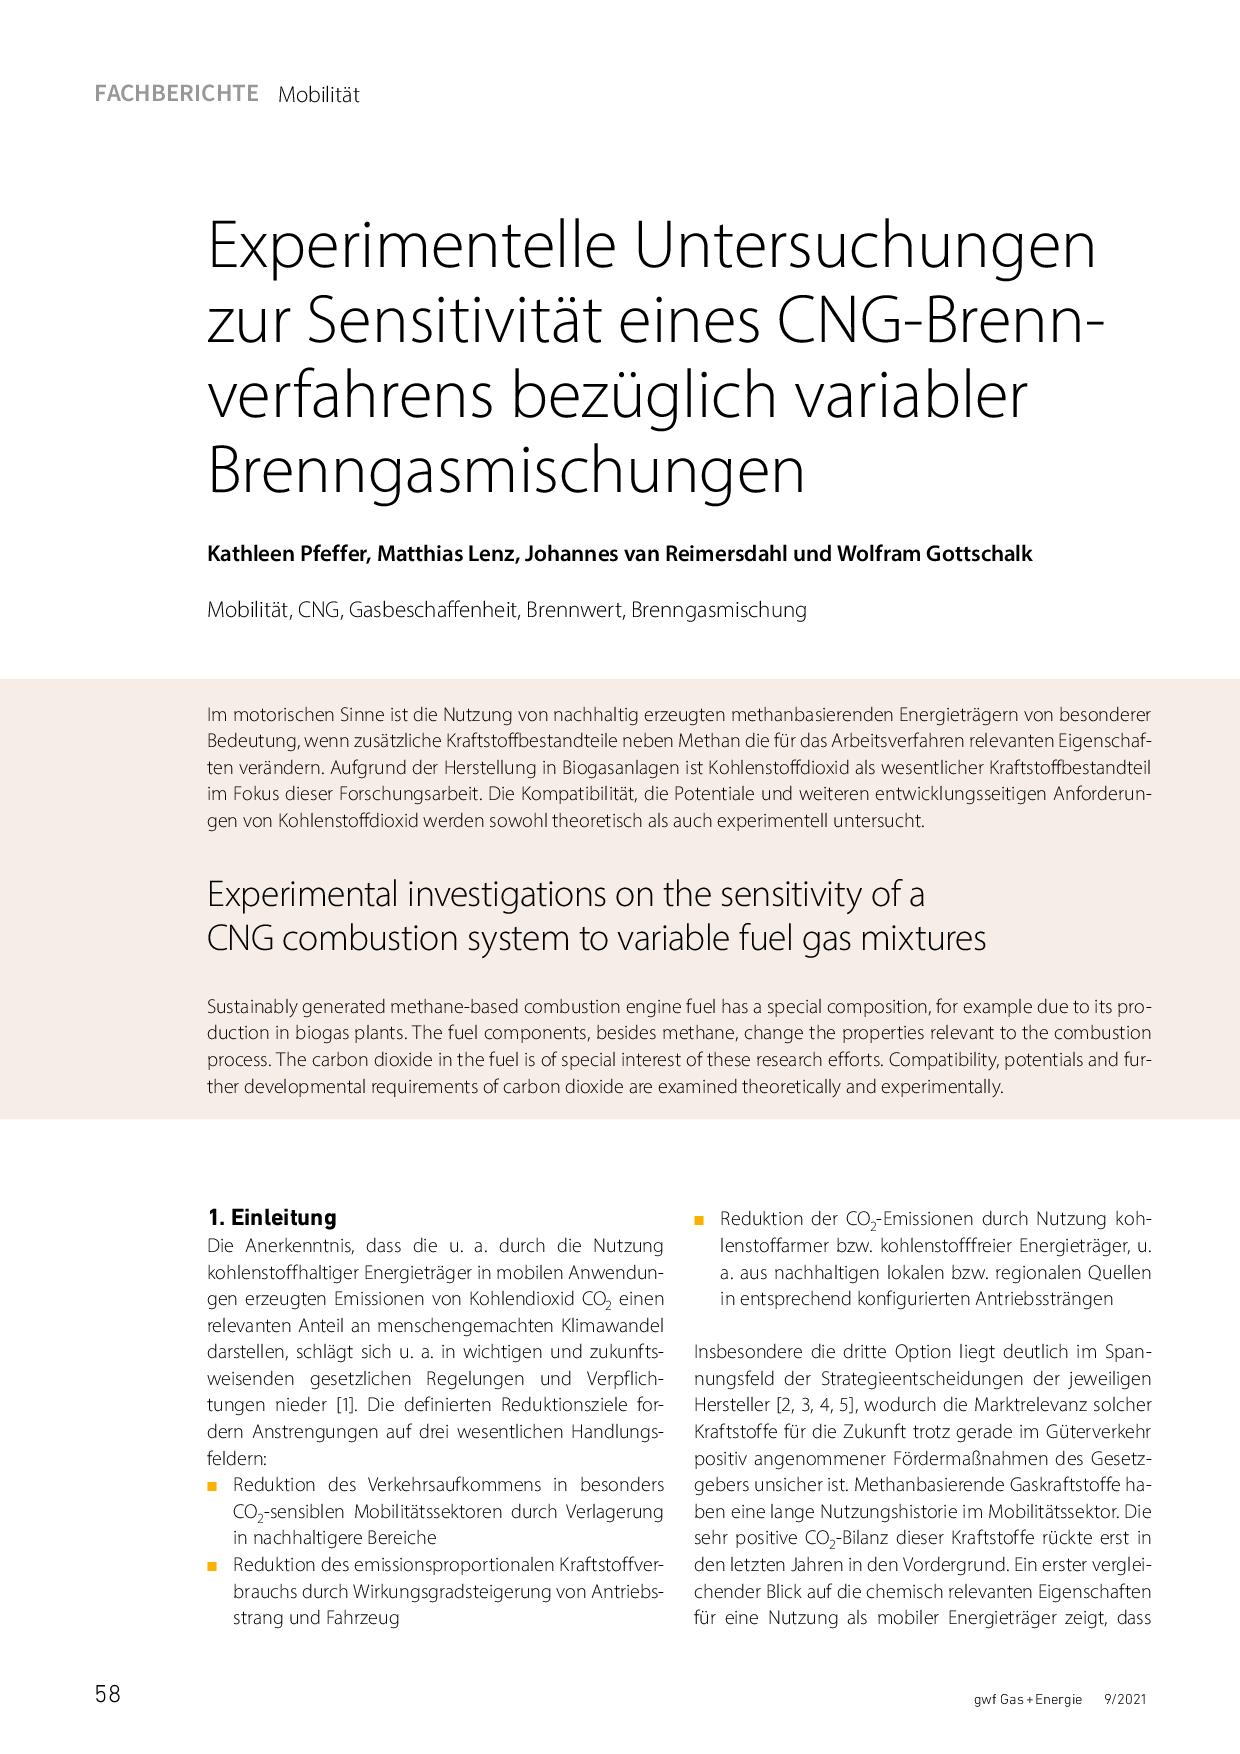 Experimentelle Untersuchungen zur Sensitivität eines CNG-Brennverfahrens bezüglich variabler Brenngasmischungen